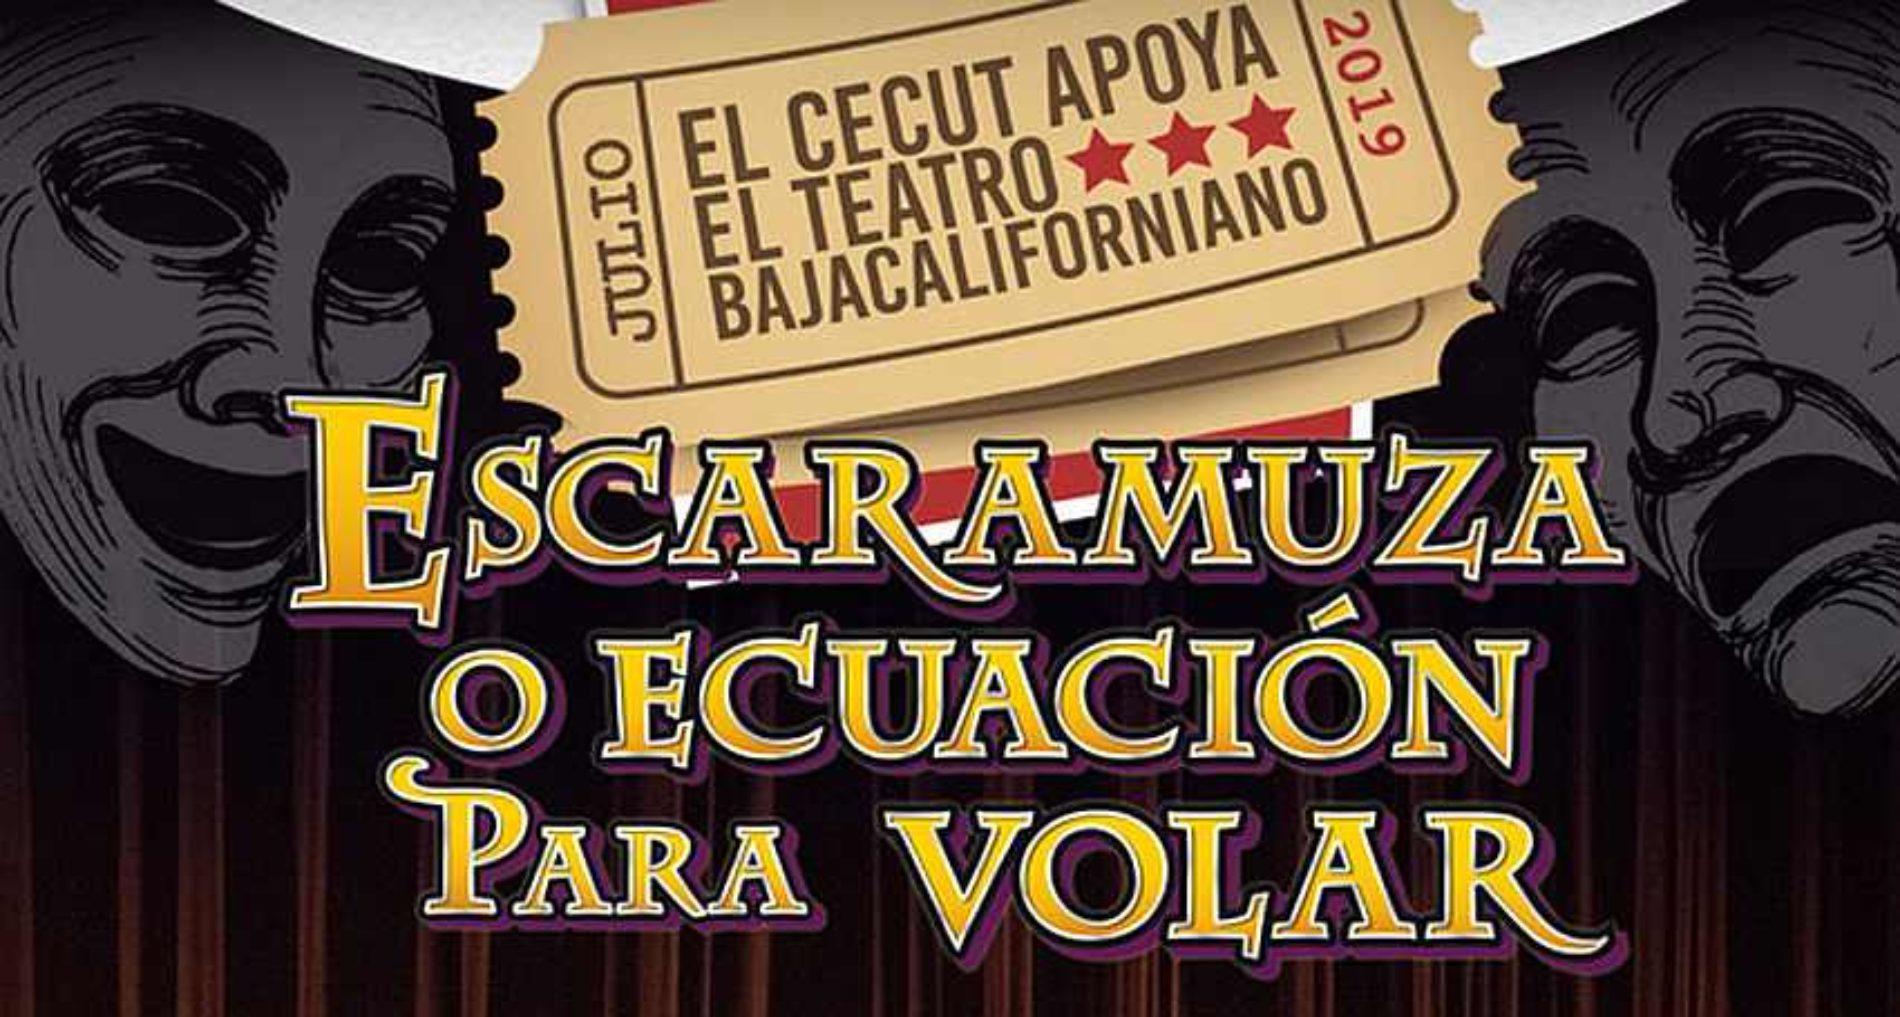 """Teatro en Resistencia presenta en el CECUT """"Escaramuza o ecuación para volar"""""""